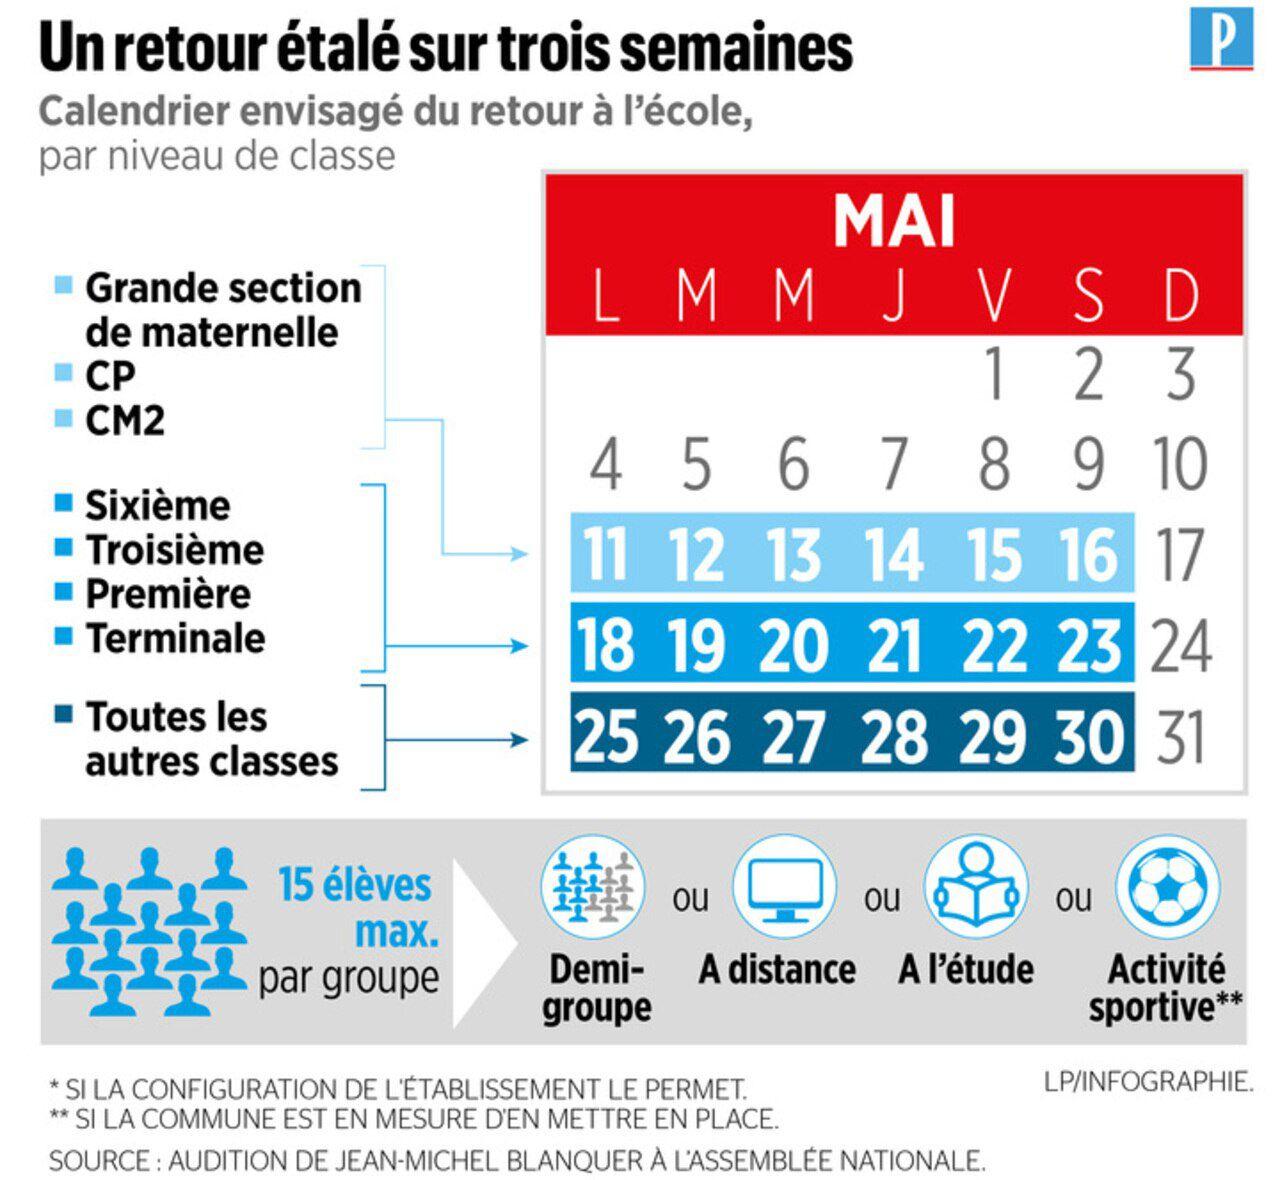 Grande Section, Cp Et Cm2 Le 11 Mai, Les Autres Classes pour Rentrée En Grande Section